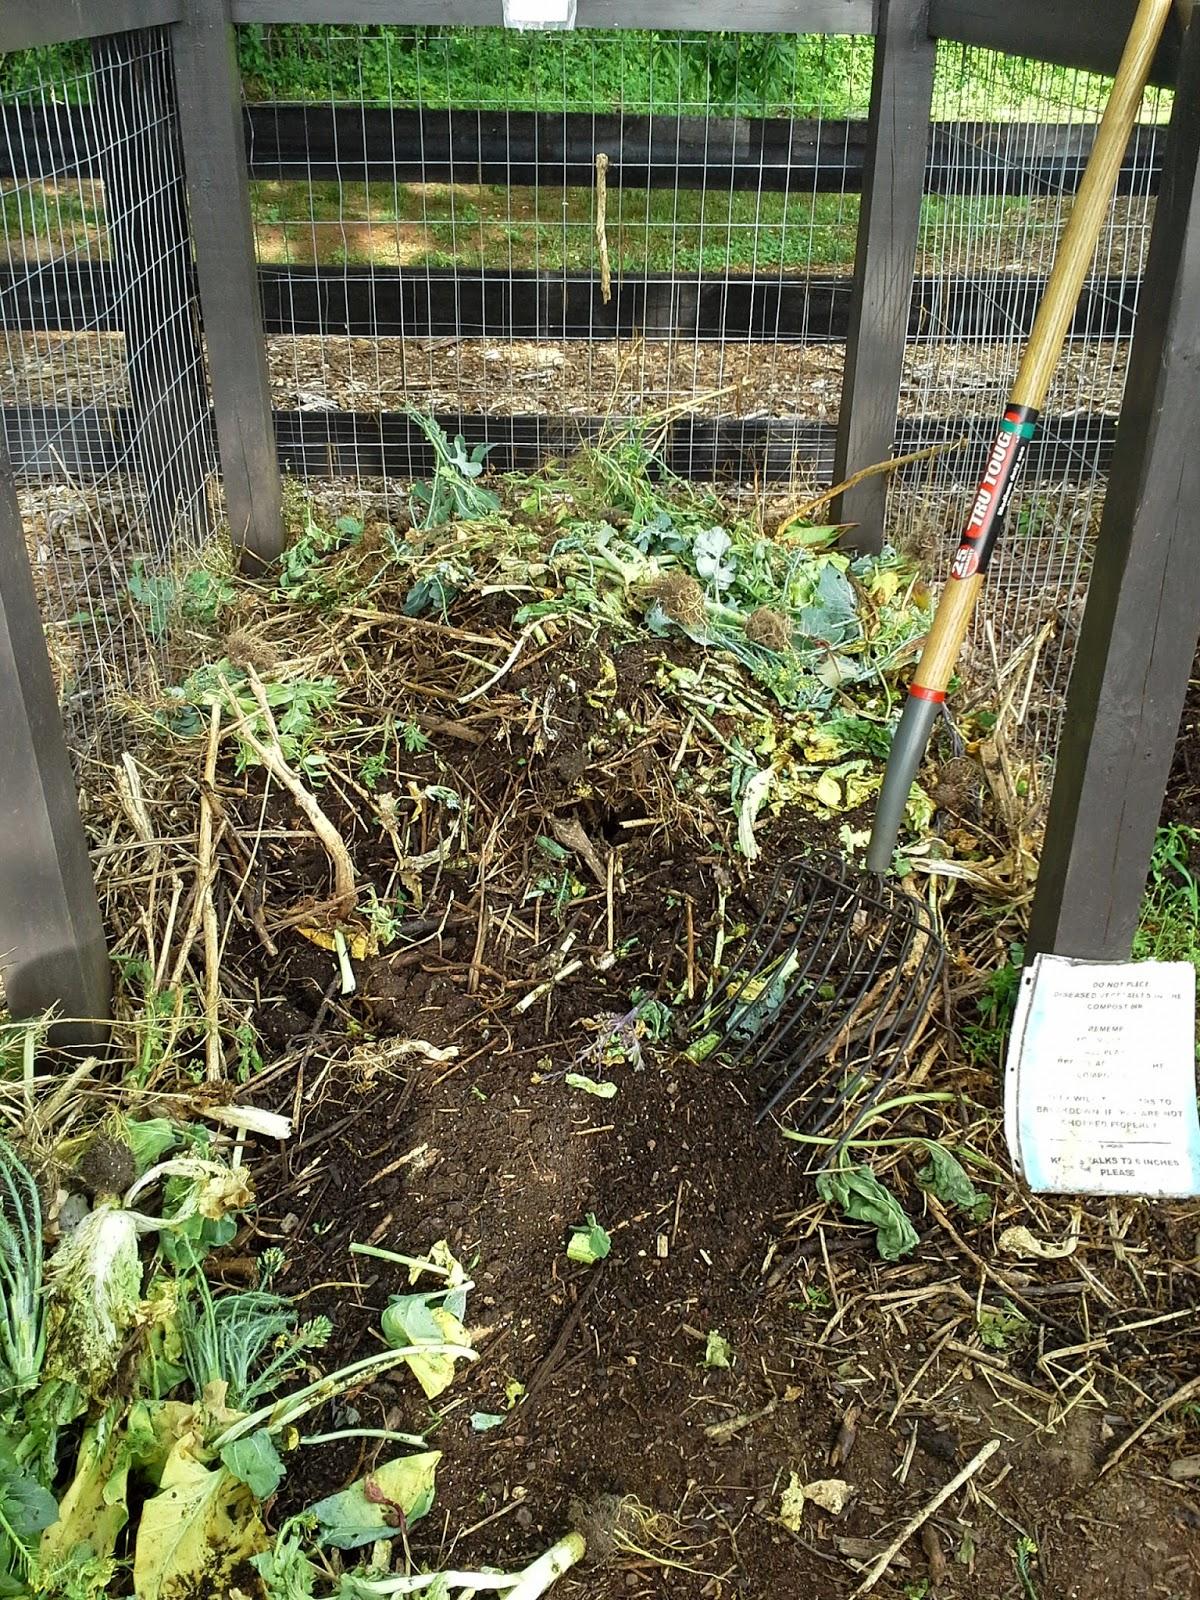 Green Meadows Community Garden: 06/03/14